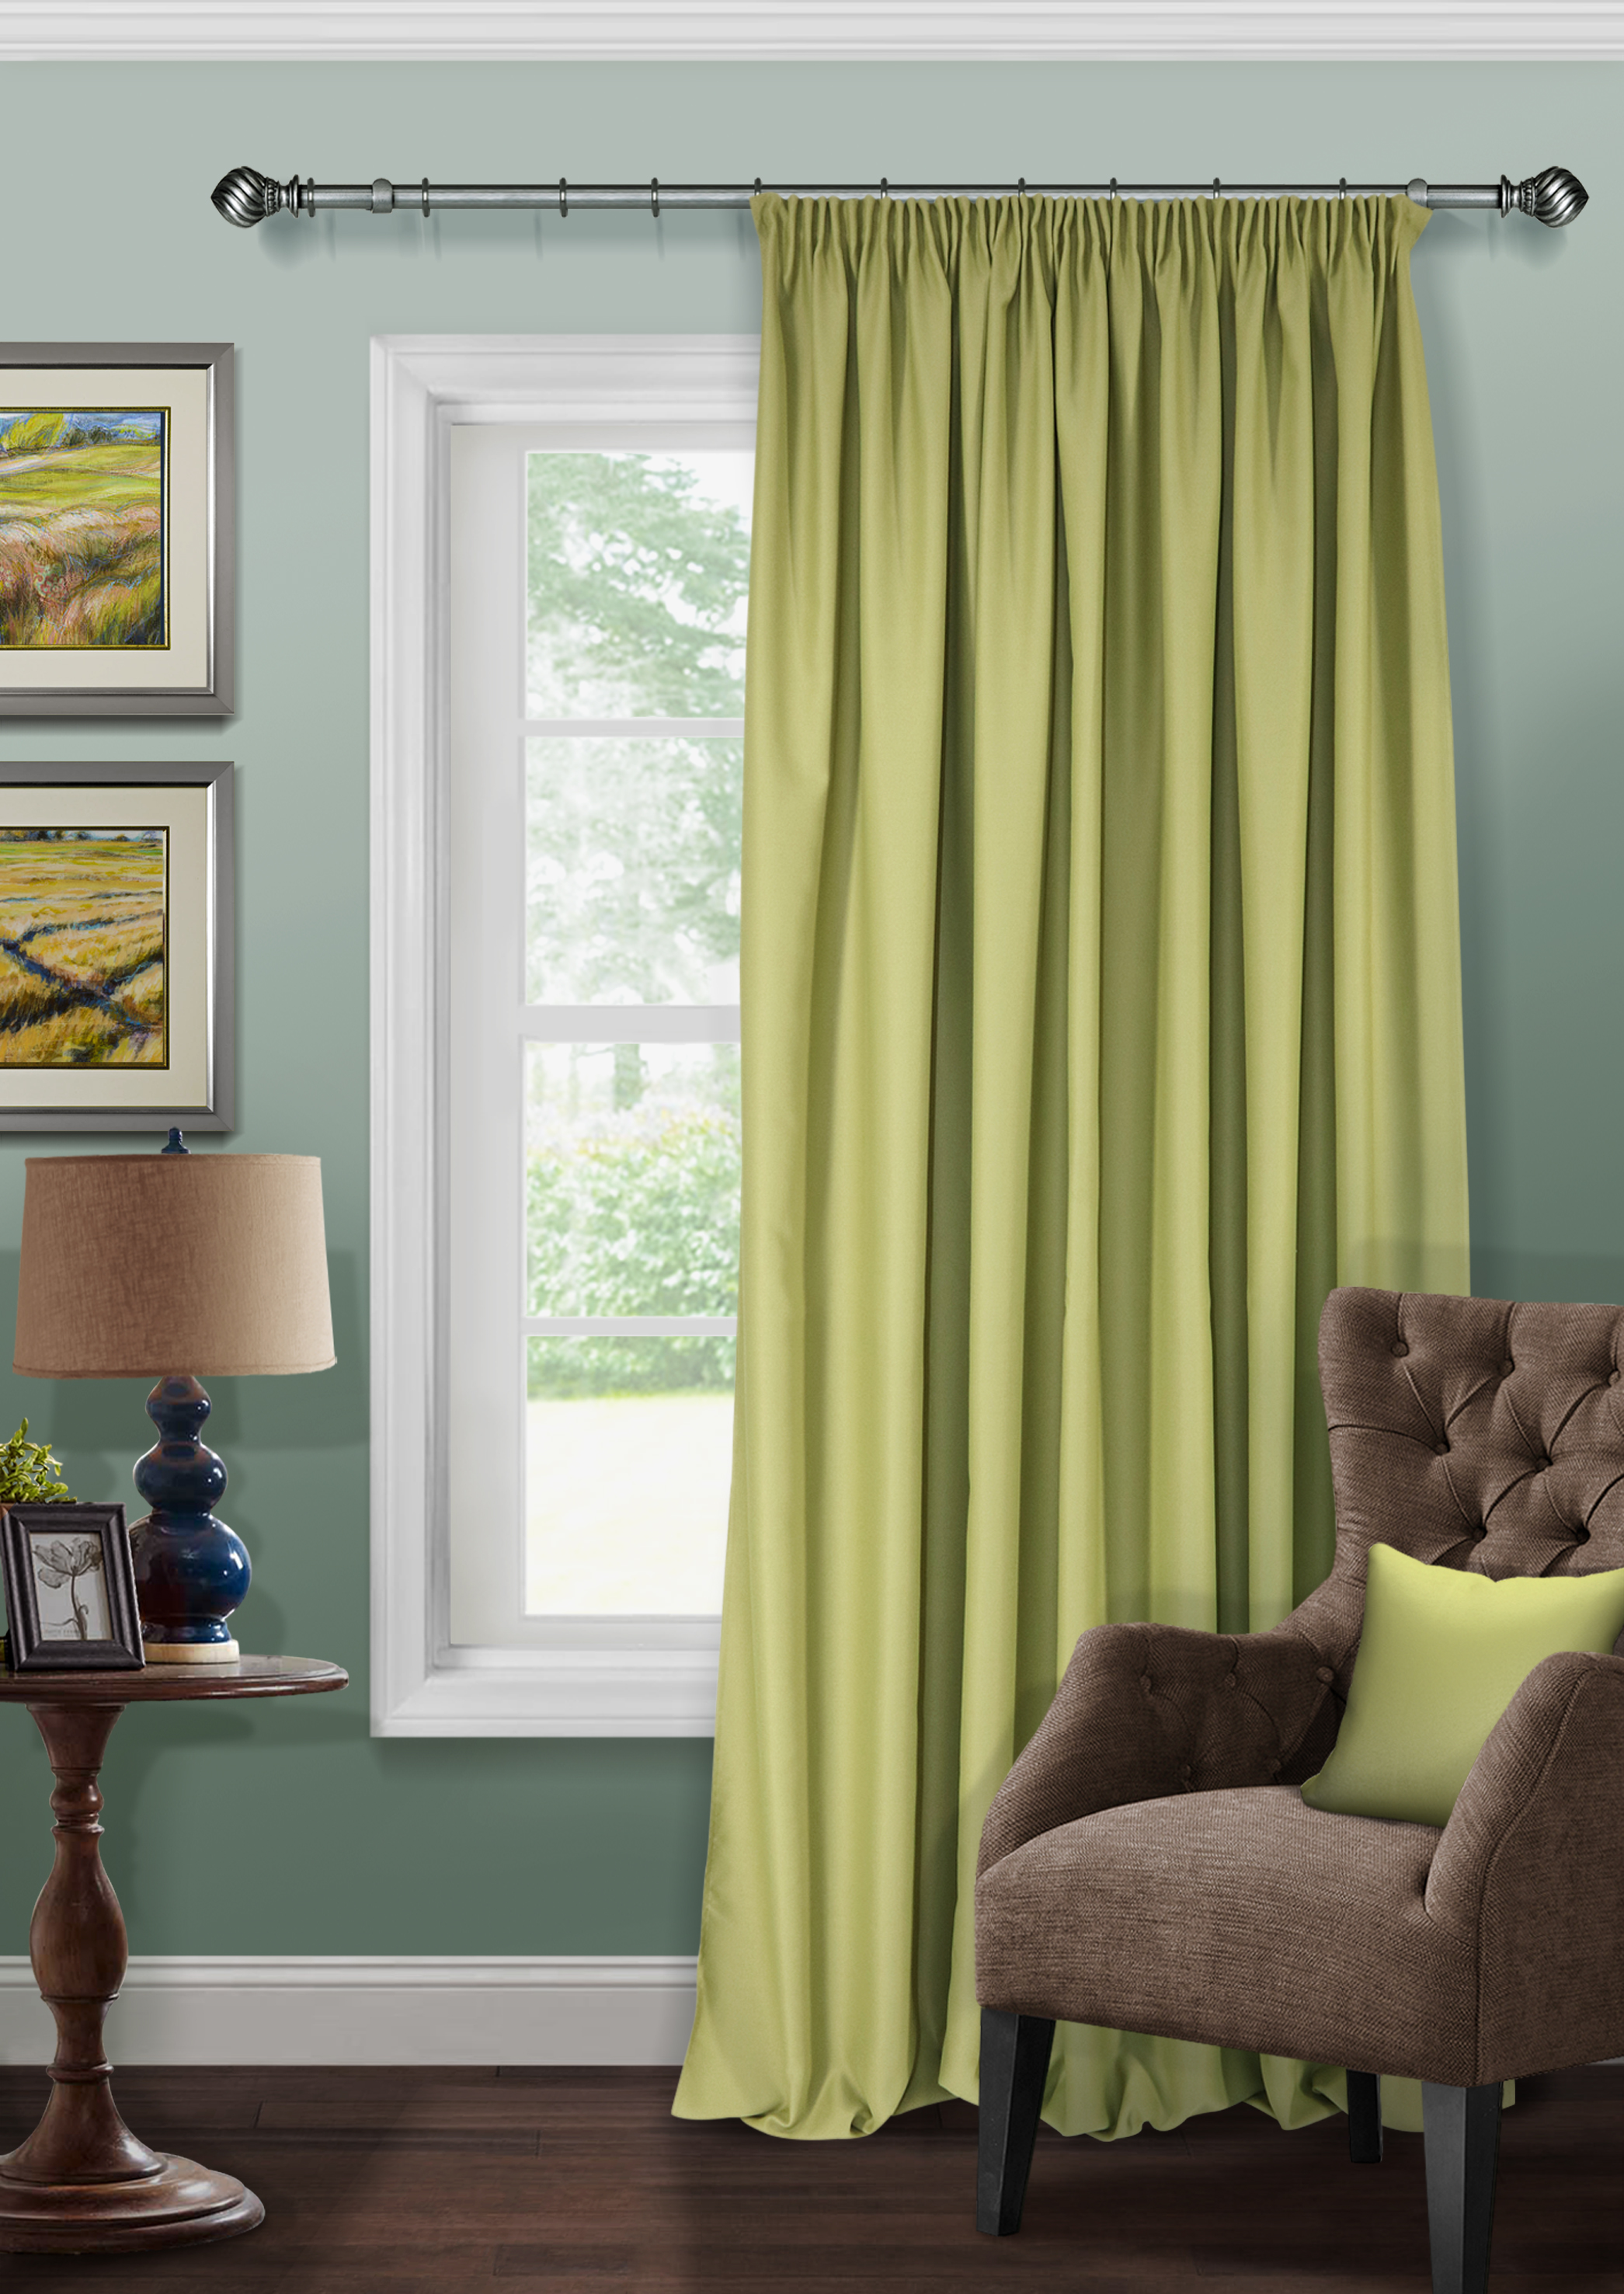 Штора Kauffort Ночь, на ленте, с подхватом, цвет: зеленый, ширина 200 см, высота 280 см штора kauffort магия на ленте с подхватом цвет нежно фиолетовый ширина 250 см высота 280 см